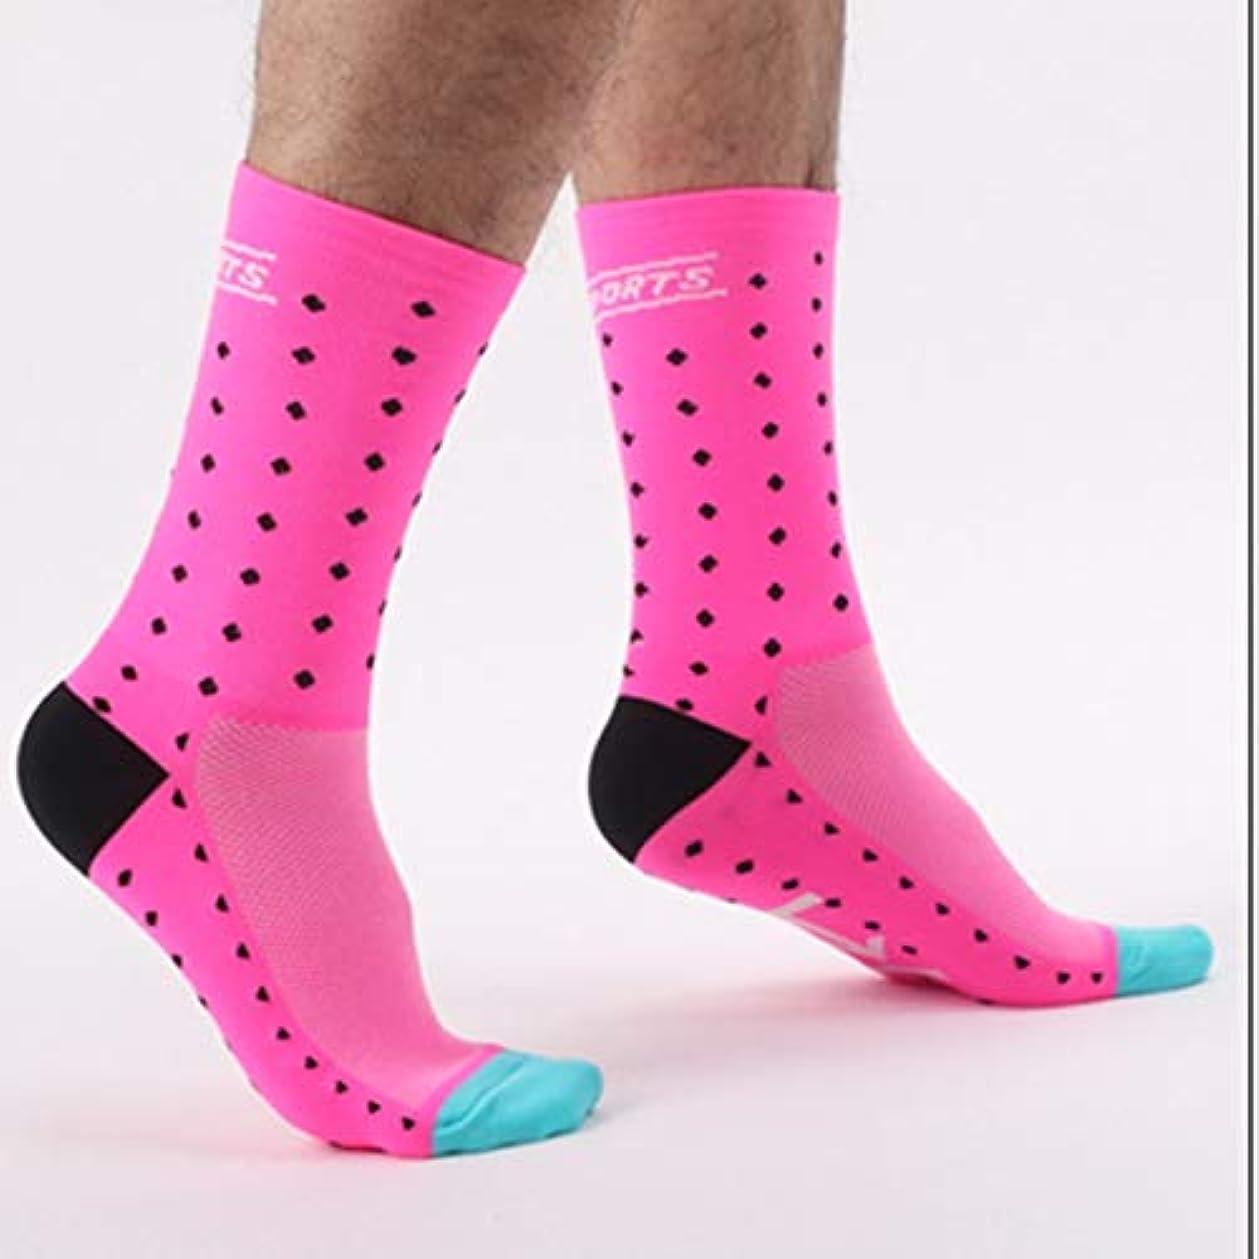 個性刃十DH04快適なファッショナブルな屋外サイクリングソックス男性女性プロの通気性スポーツソックスバスケットボールソックス - ピンク